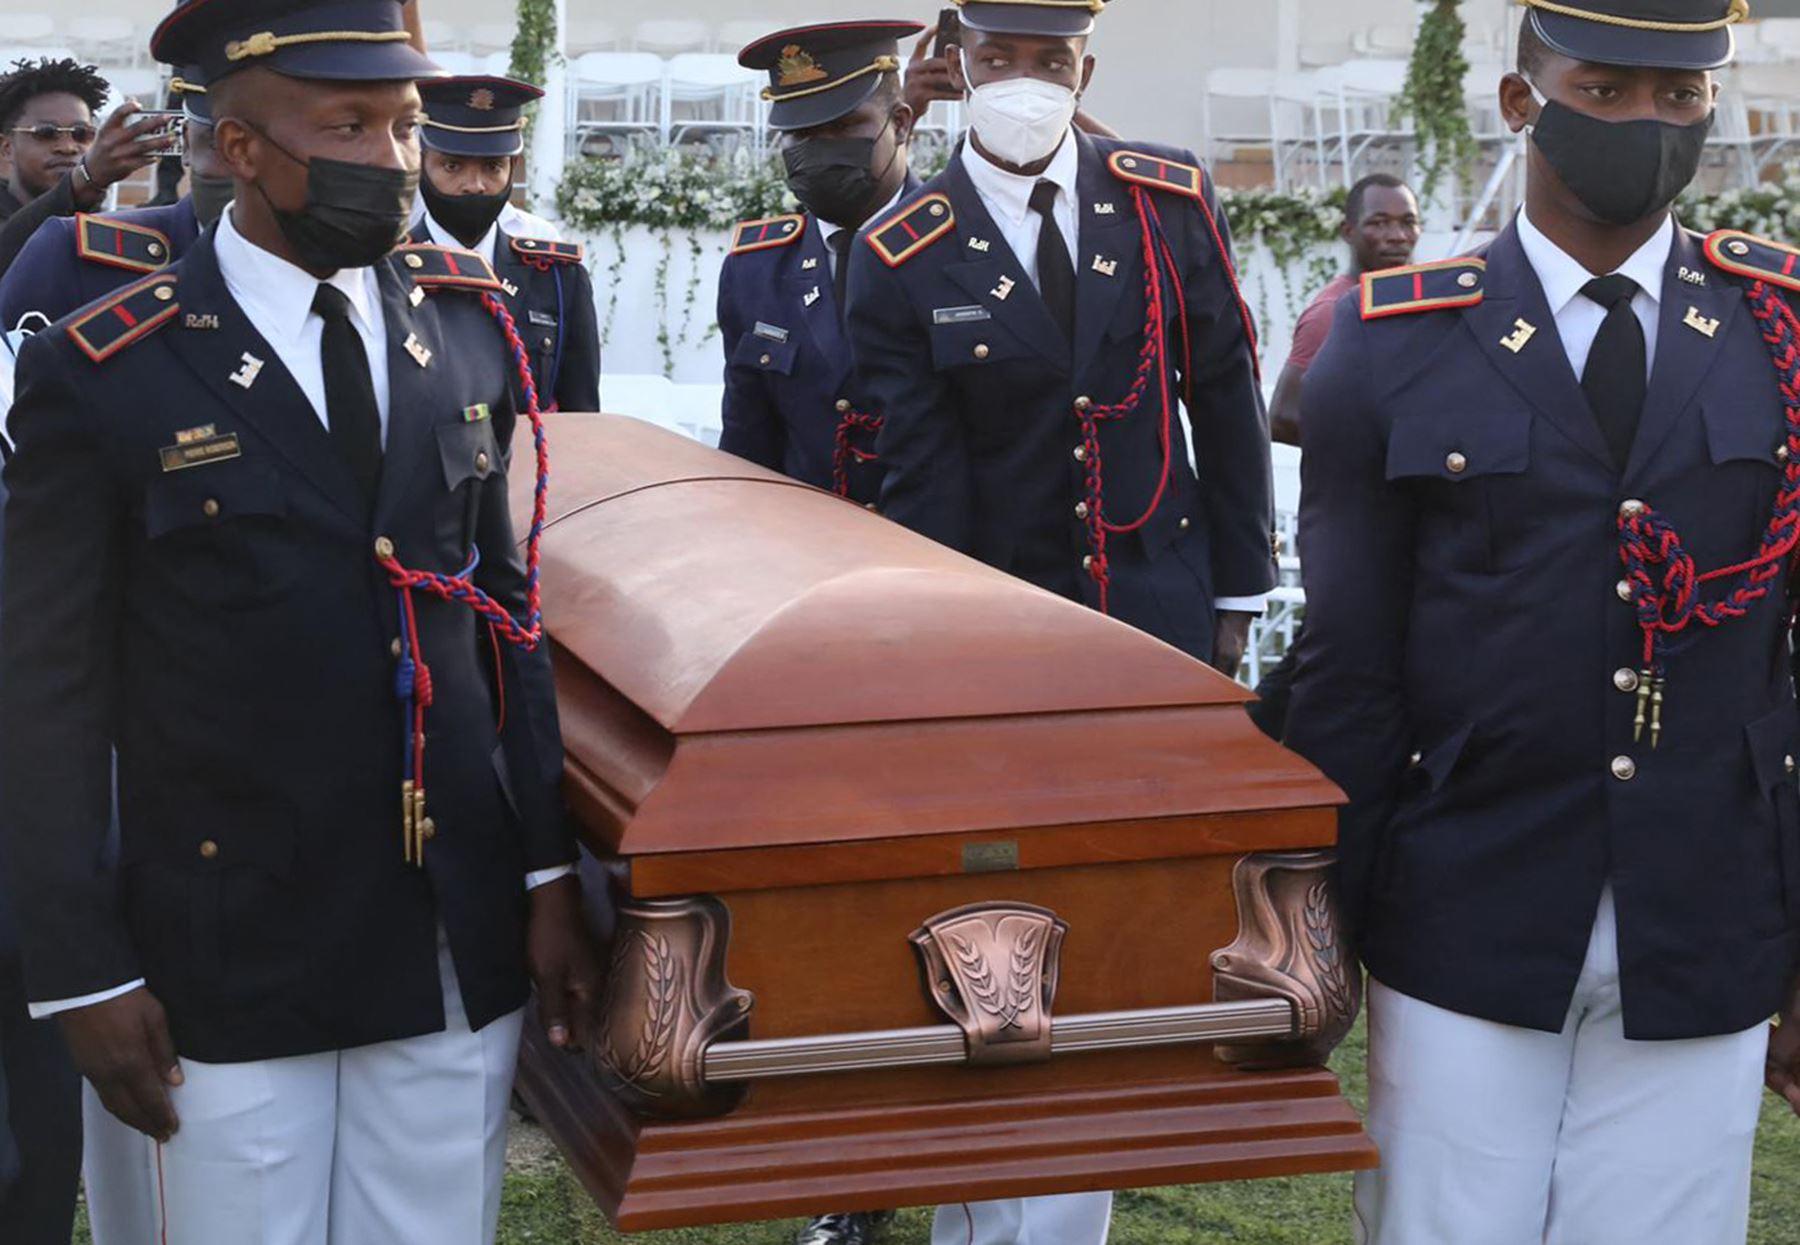 Un batallón rindió honores militares al jefe de Estado. Mientras que la ceremonia religiosa fue dirigida por cinco sacerdotes. Foto: AFP